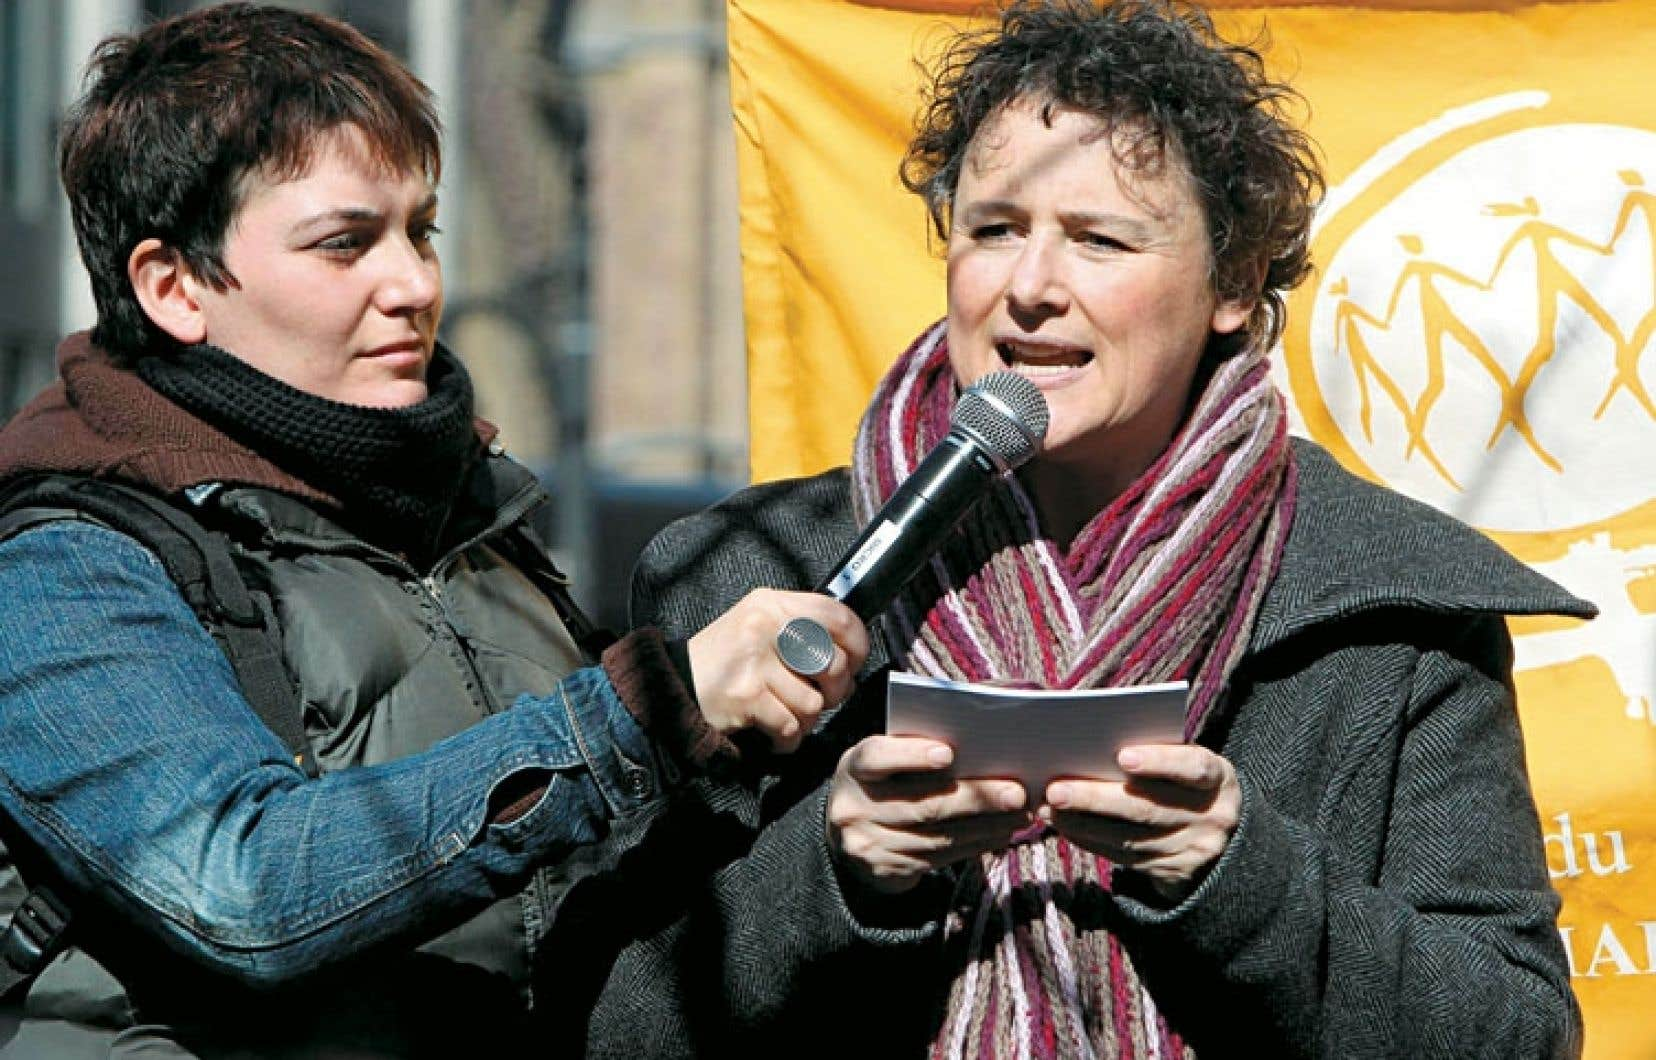 La présidente de la Fédération des femmes du Québec, Alexa Conradi, lors de la Marche des femmes à Montréal, en 2010